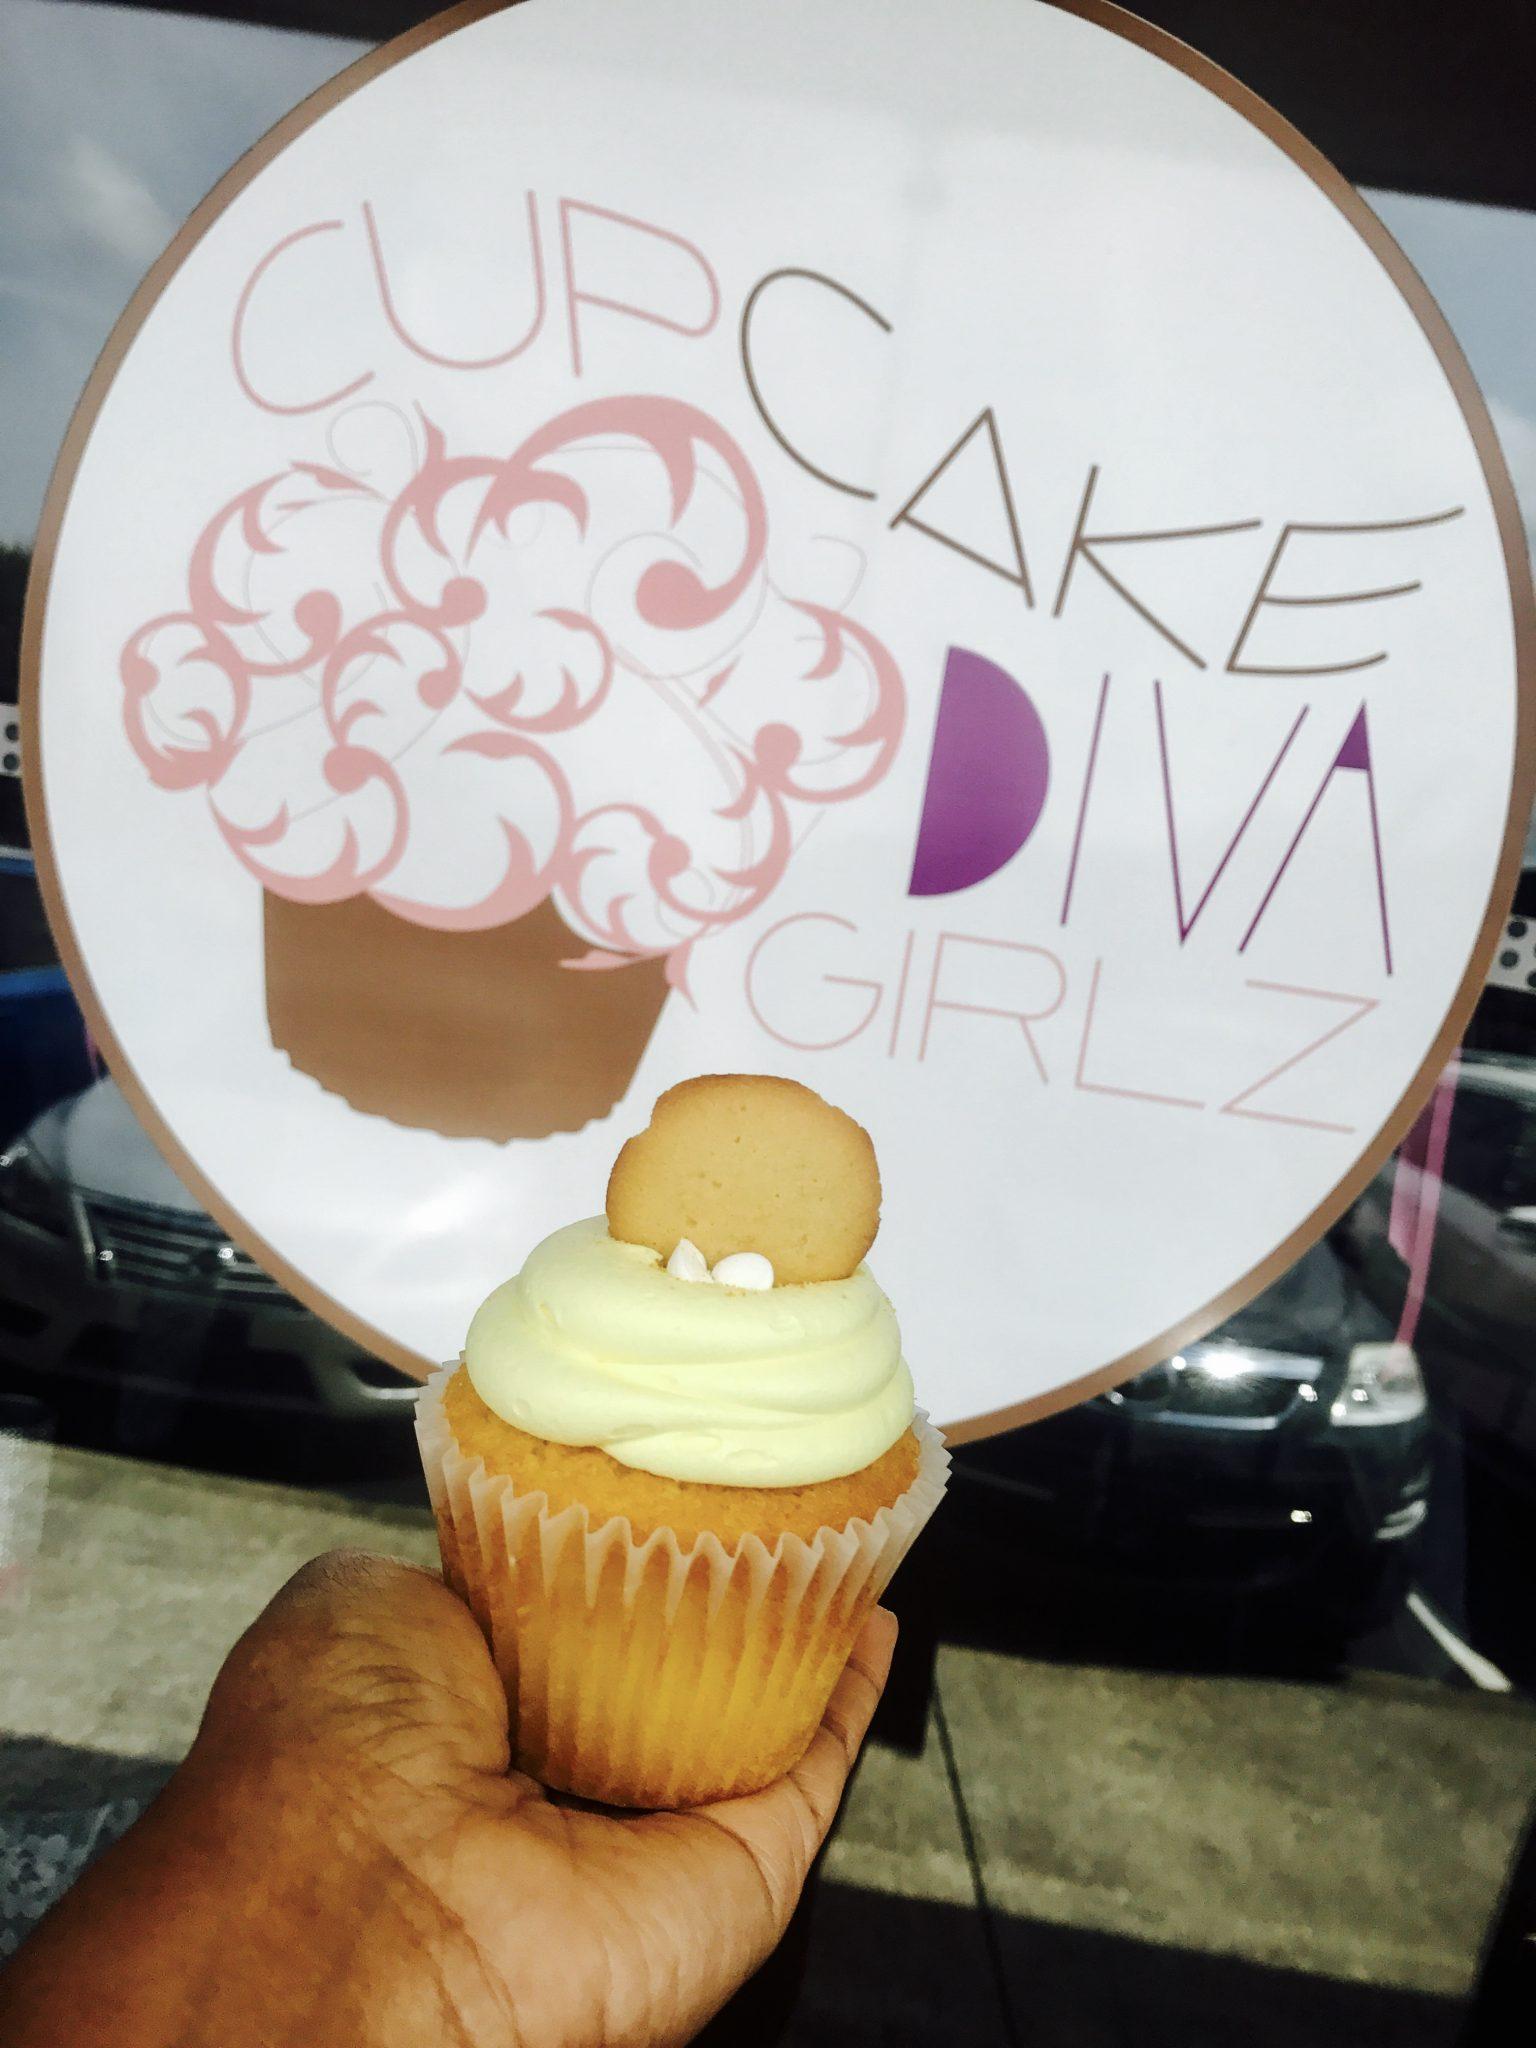 Cupcake Diva Girlz In Dacula, Ga